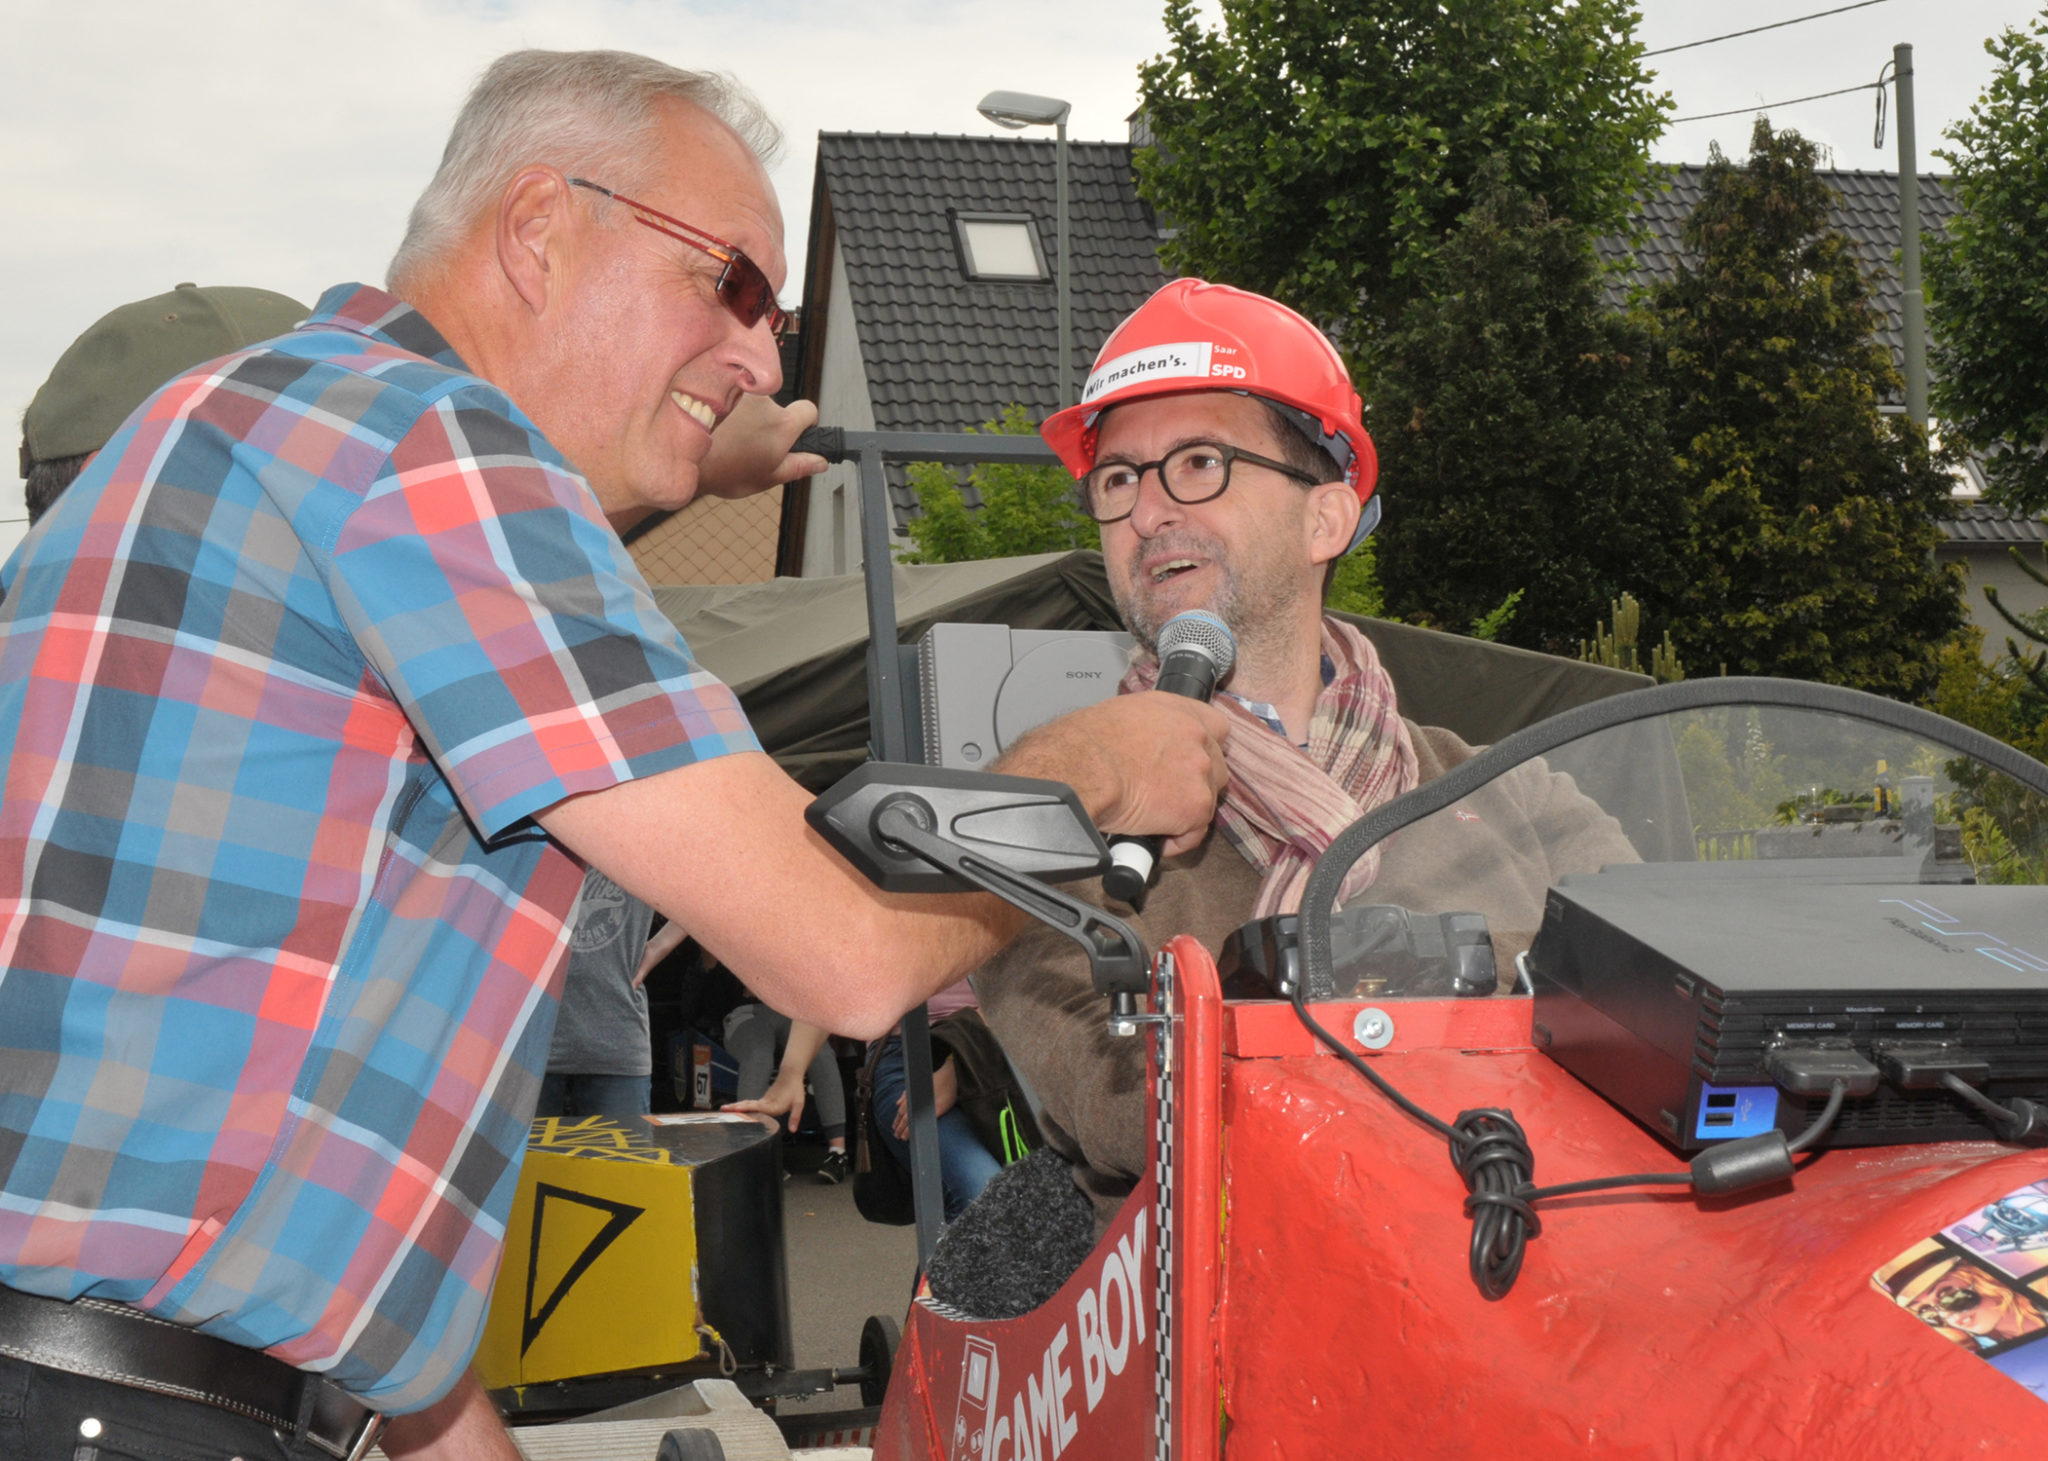 zu sehen ist Moderator Thomas Wollscheid im Interview mit Umweltminister Reinhold Jost, kurz vor dem Start des Prominentenrennens an der Bouser Maisause.